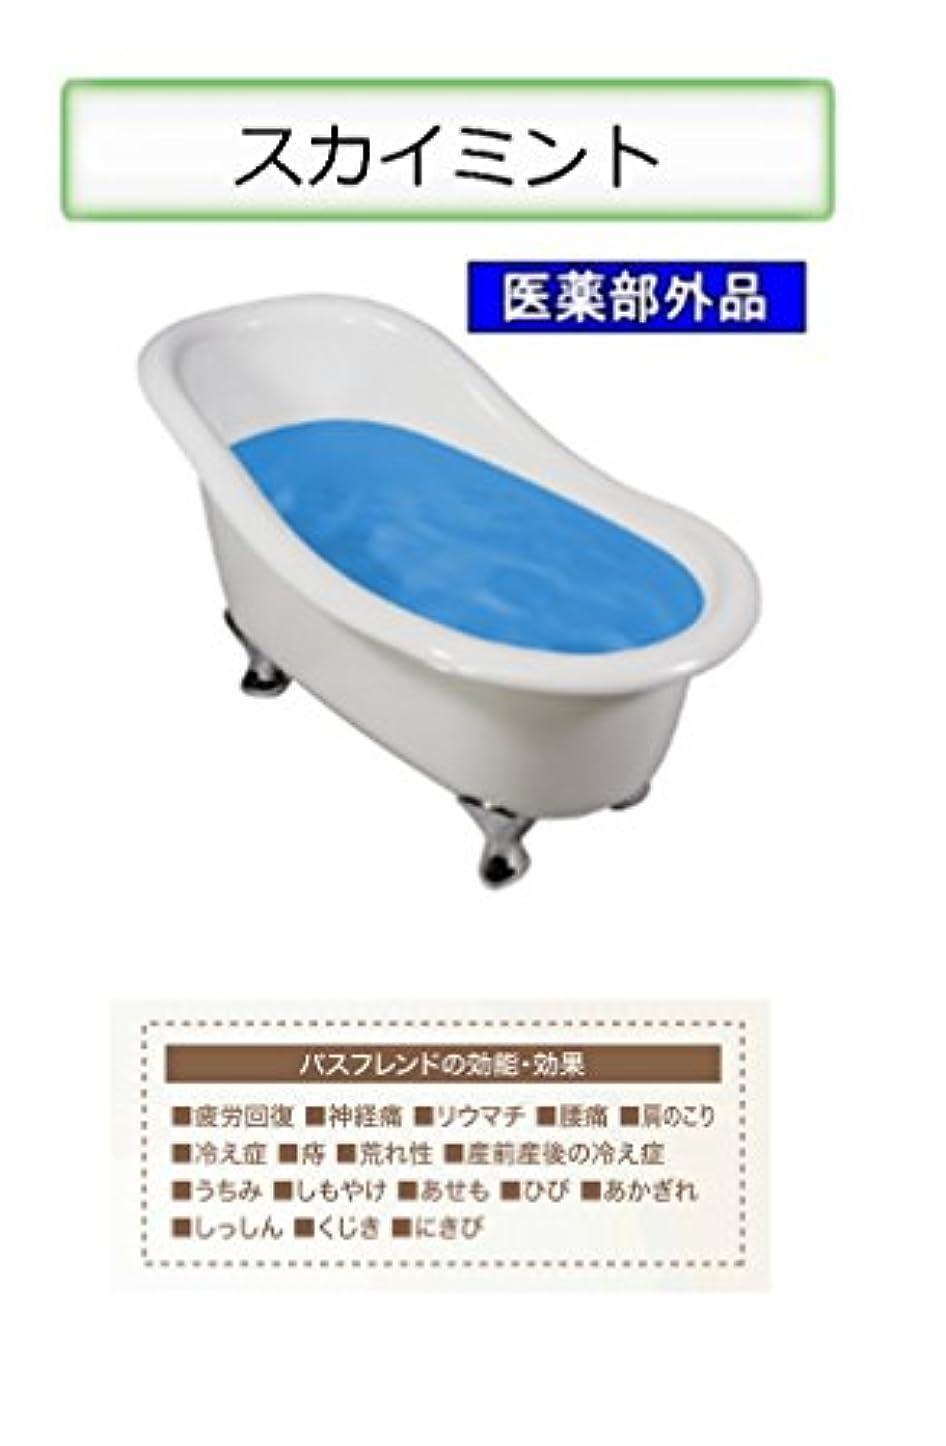 薬用入浴剤 バスフレンド/伊吹正 (スカイミント, 17kg)